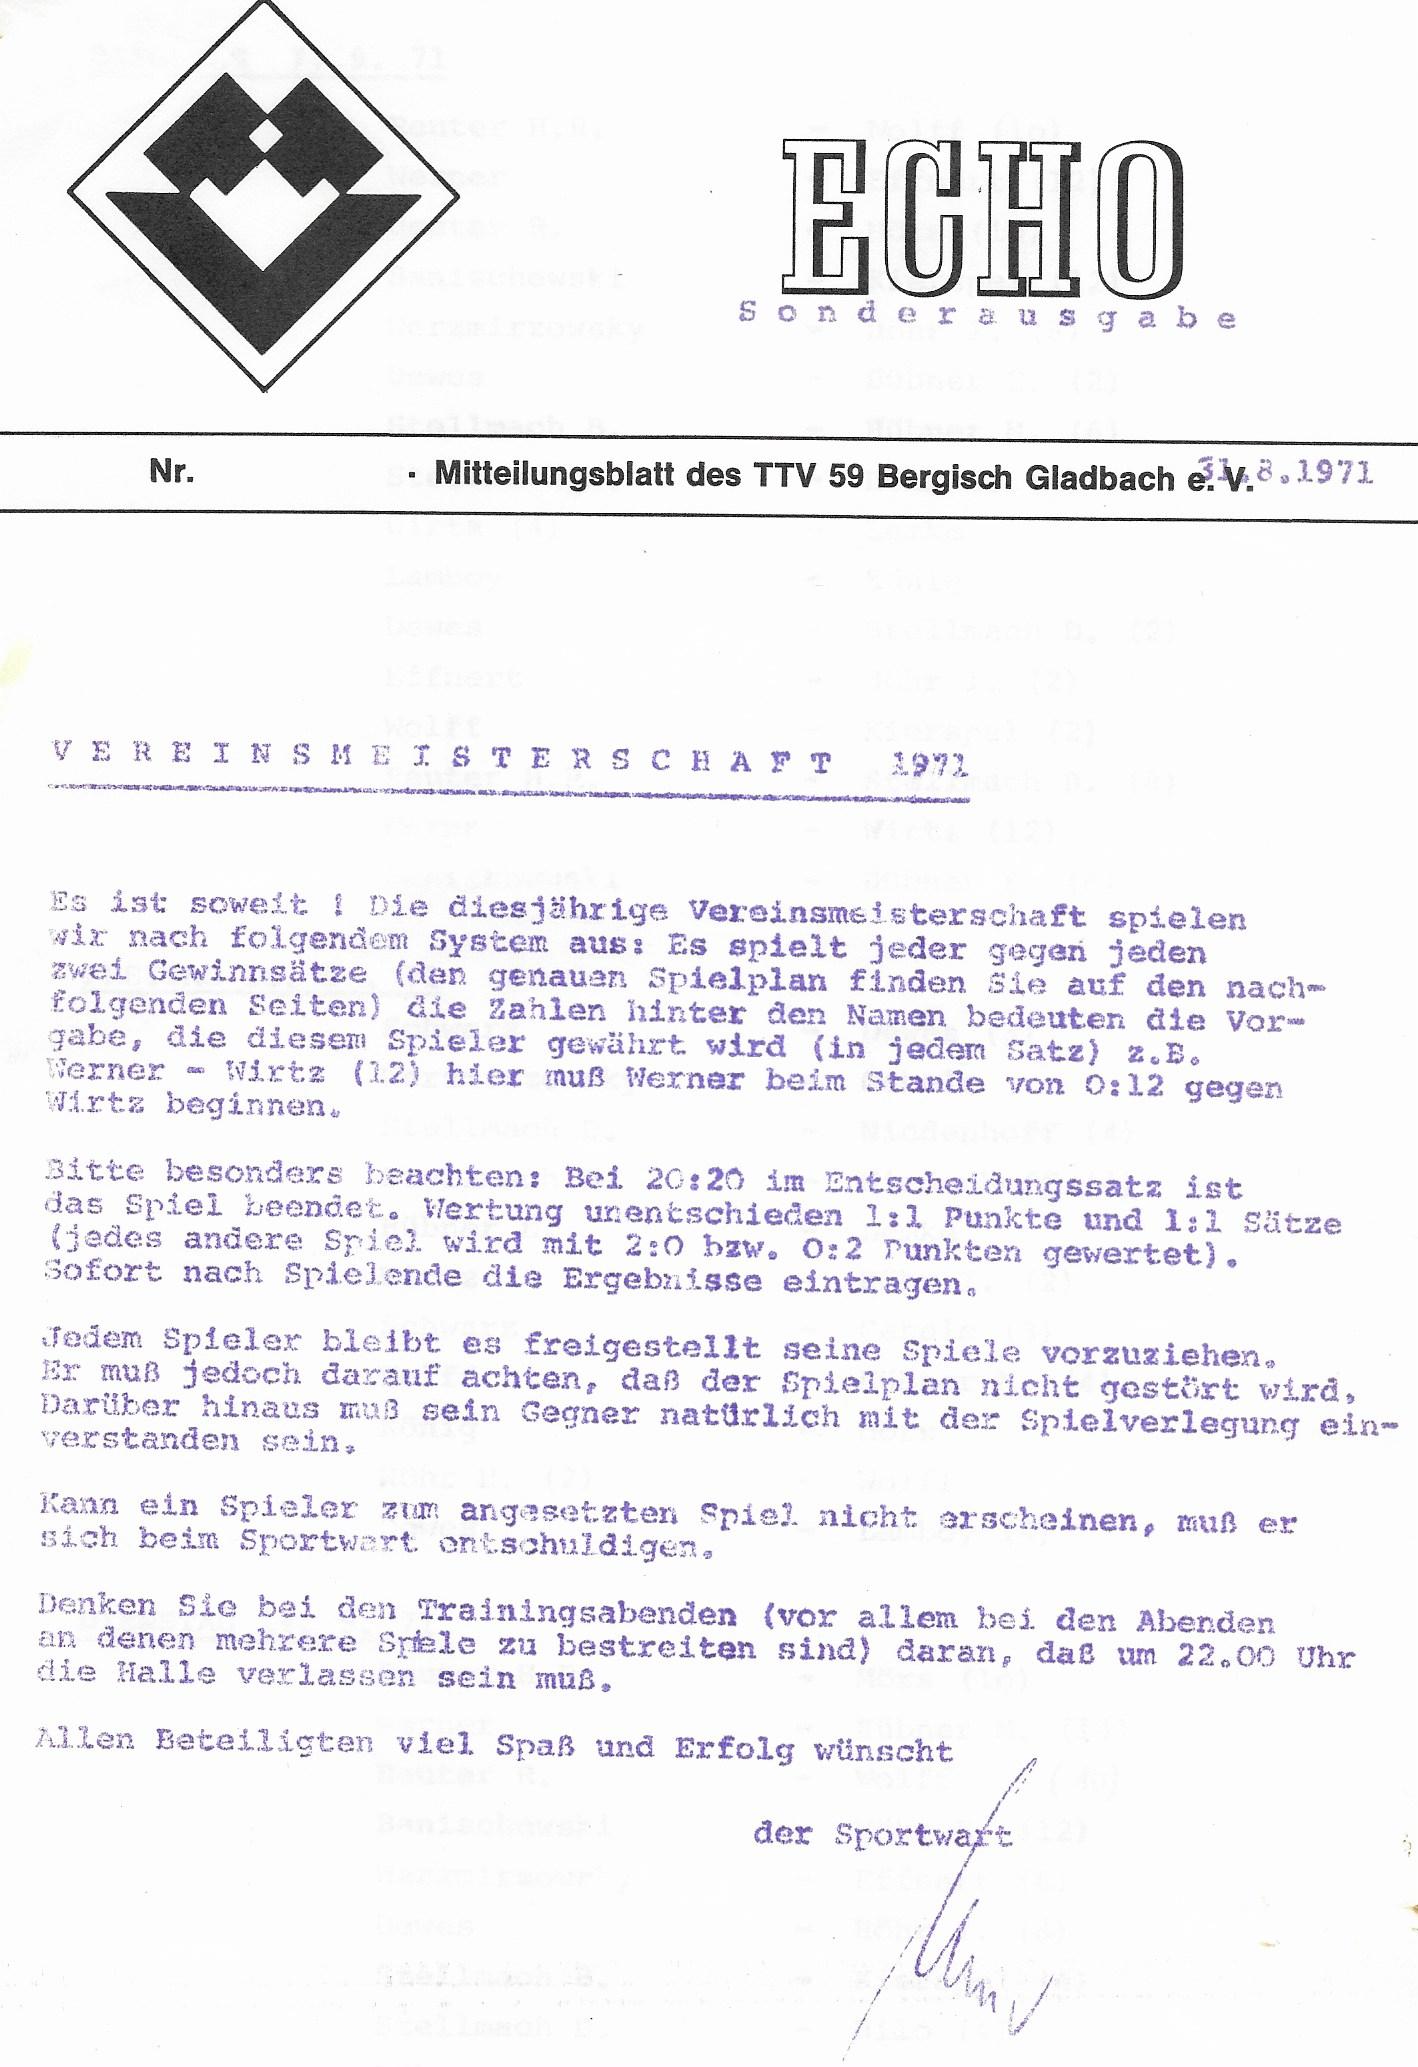 tischtennisverein 59 bergisch gladbach ev